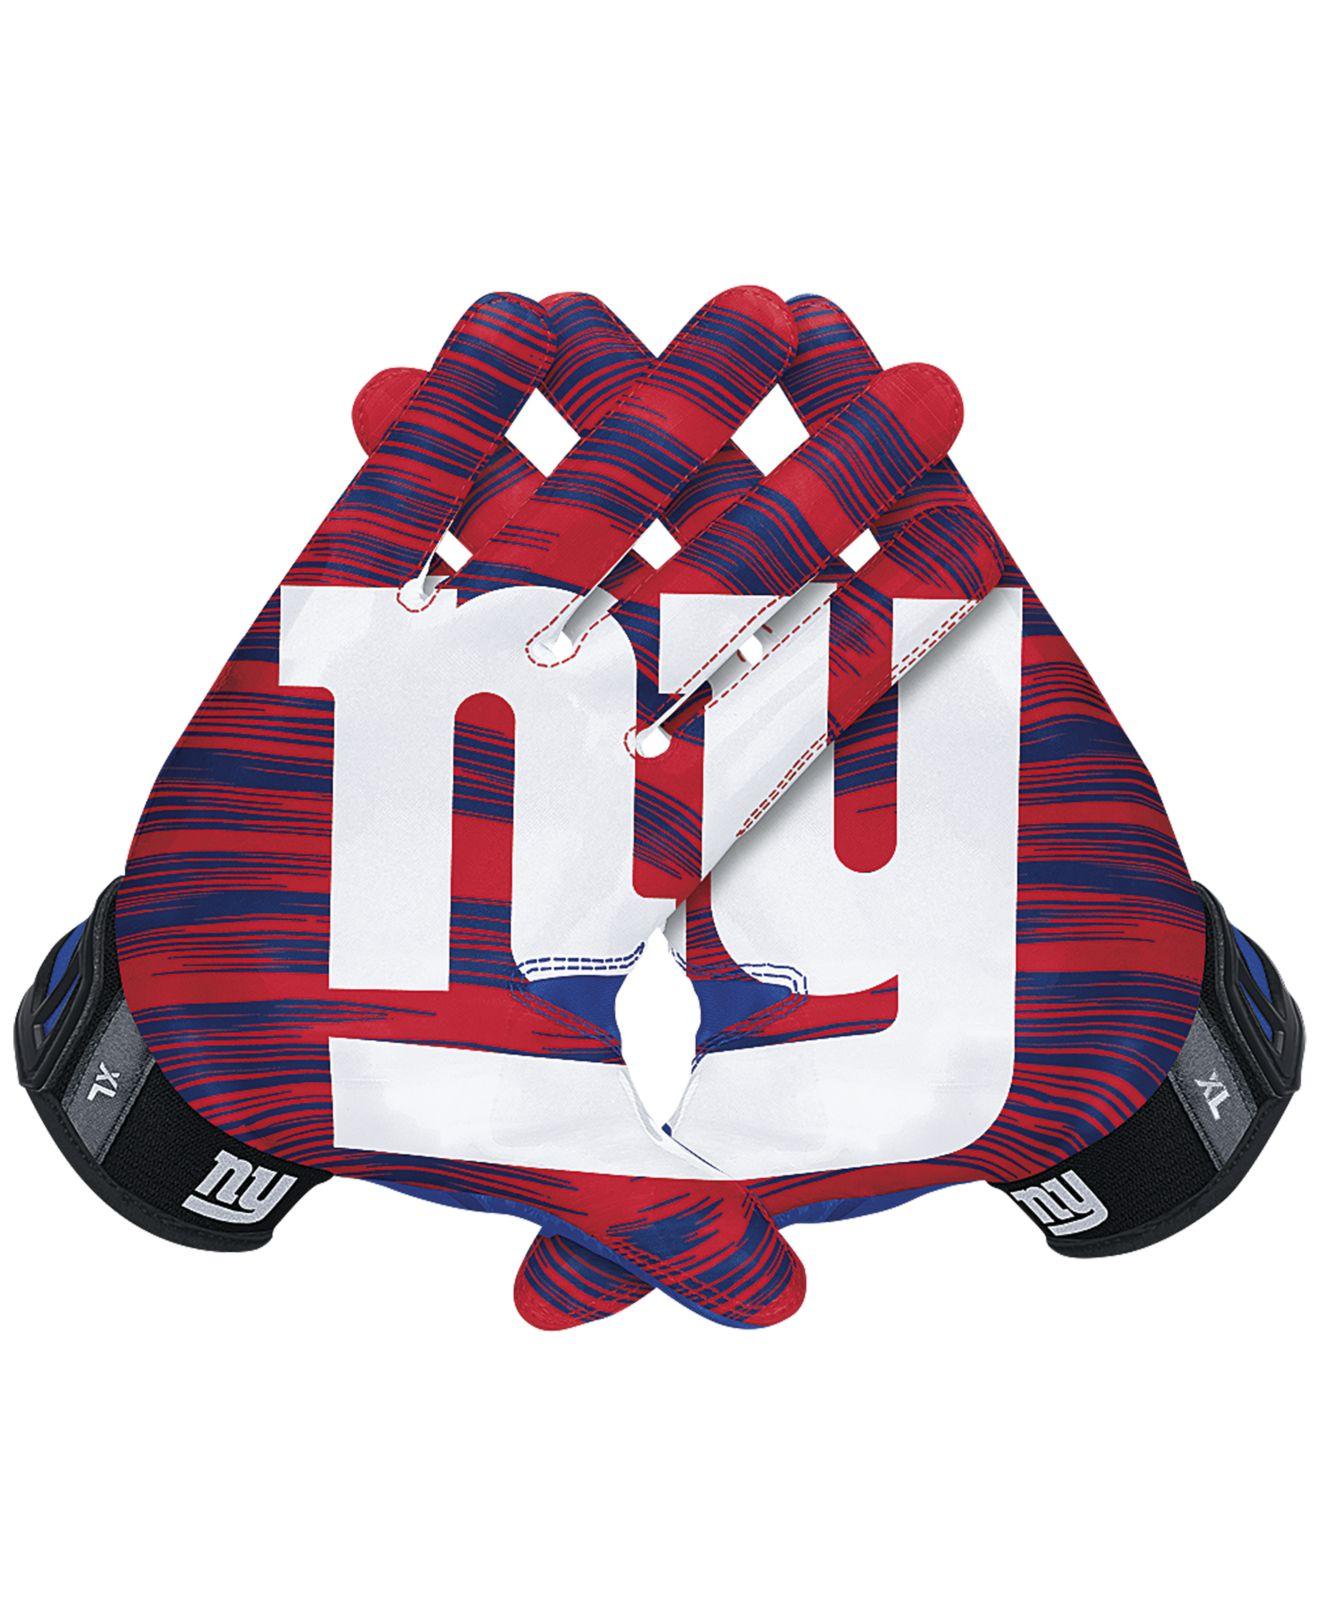 9a176208132 Nike New York Giants 30 Vapor Jet Gloves in Red for Men - Lyst